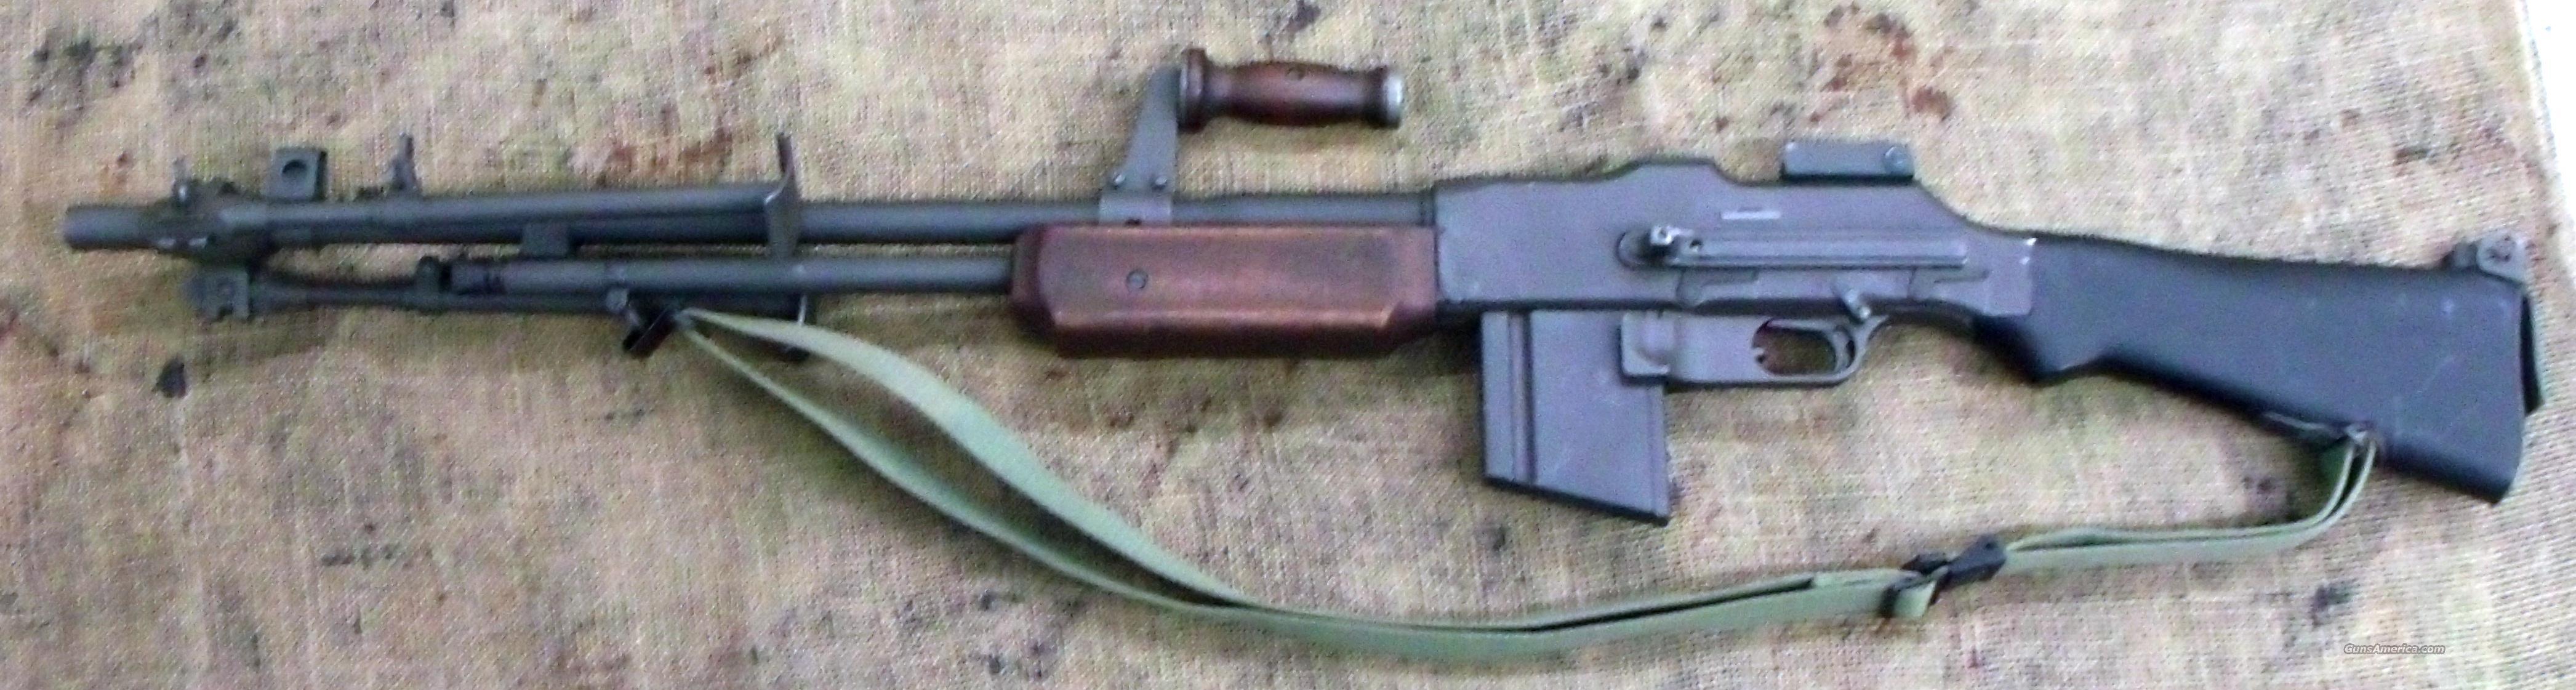 Precision Auto Sales >> OHIO Ordnance 1918A3 BAR Semi-Auto Rifle, 30-06 Cal.